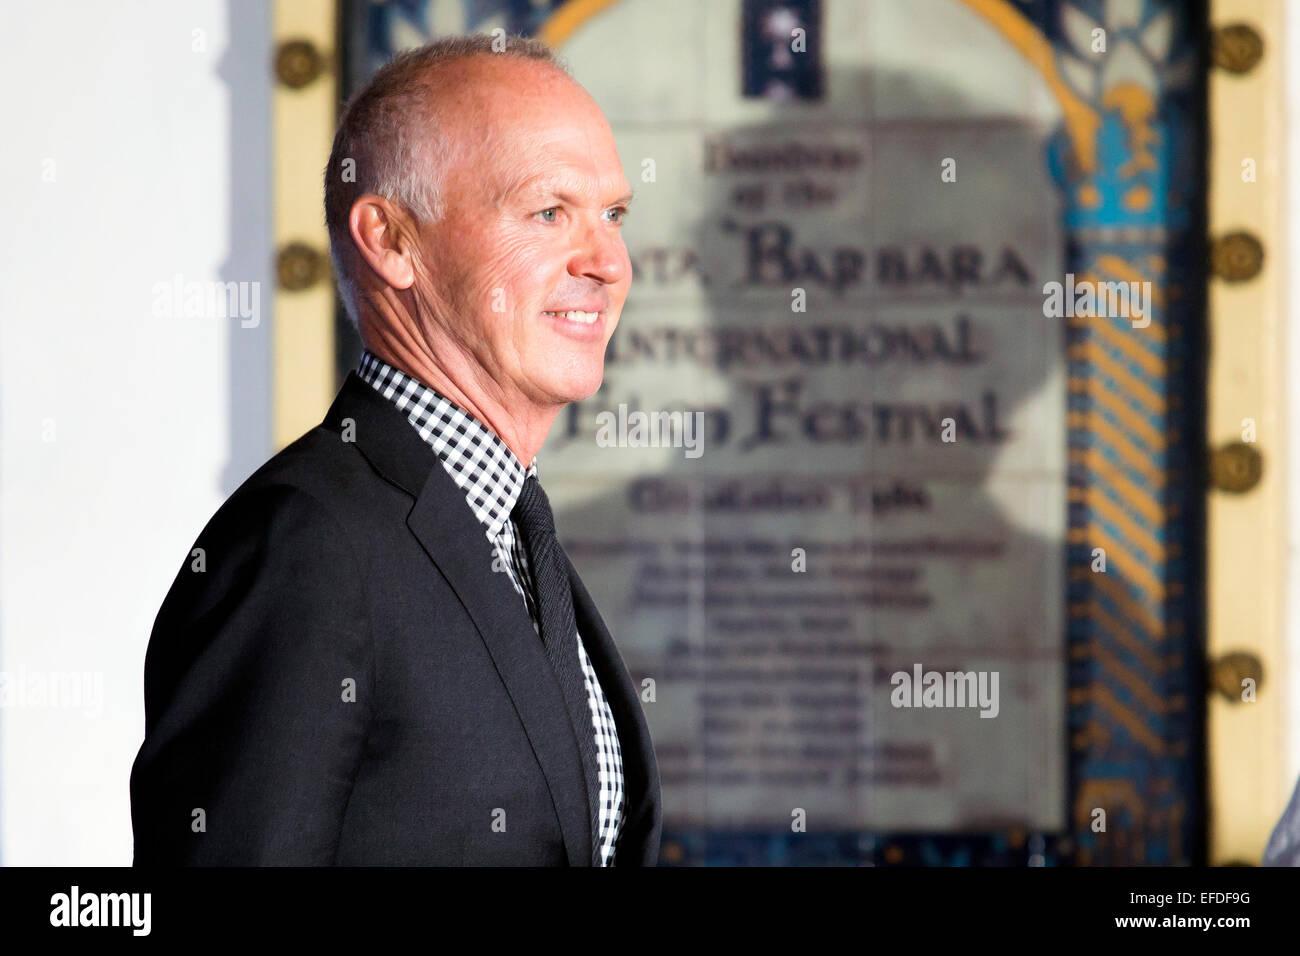 Santa Barbara, California, USA. 31th Jan, 2015. Actor Michael Keaton arrives at the 30th Santa Barbara International - Stock Image